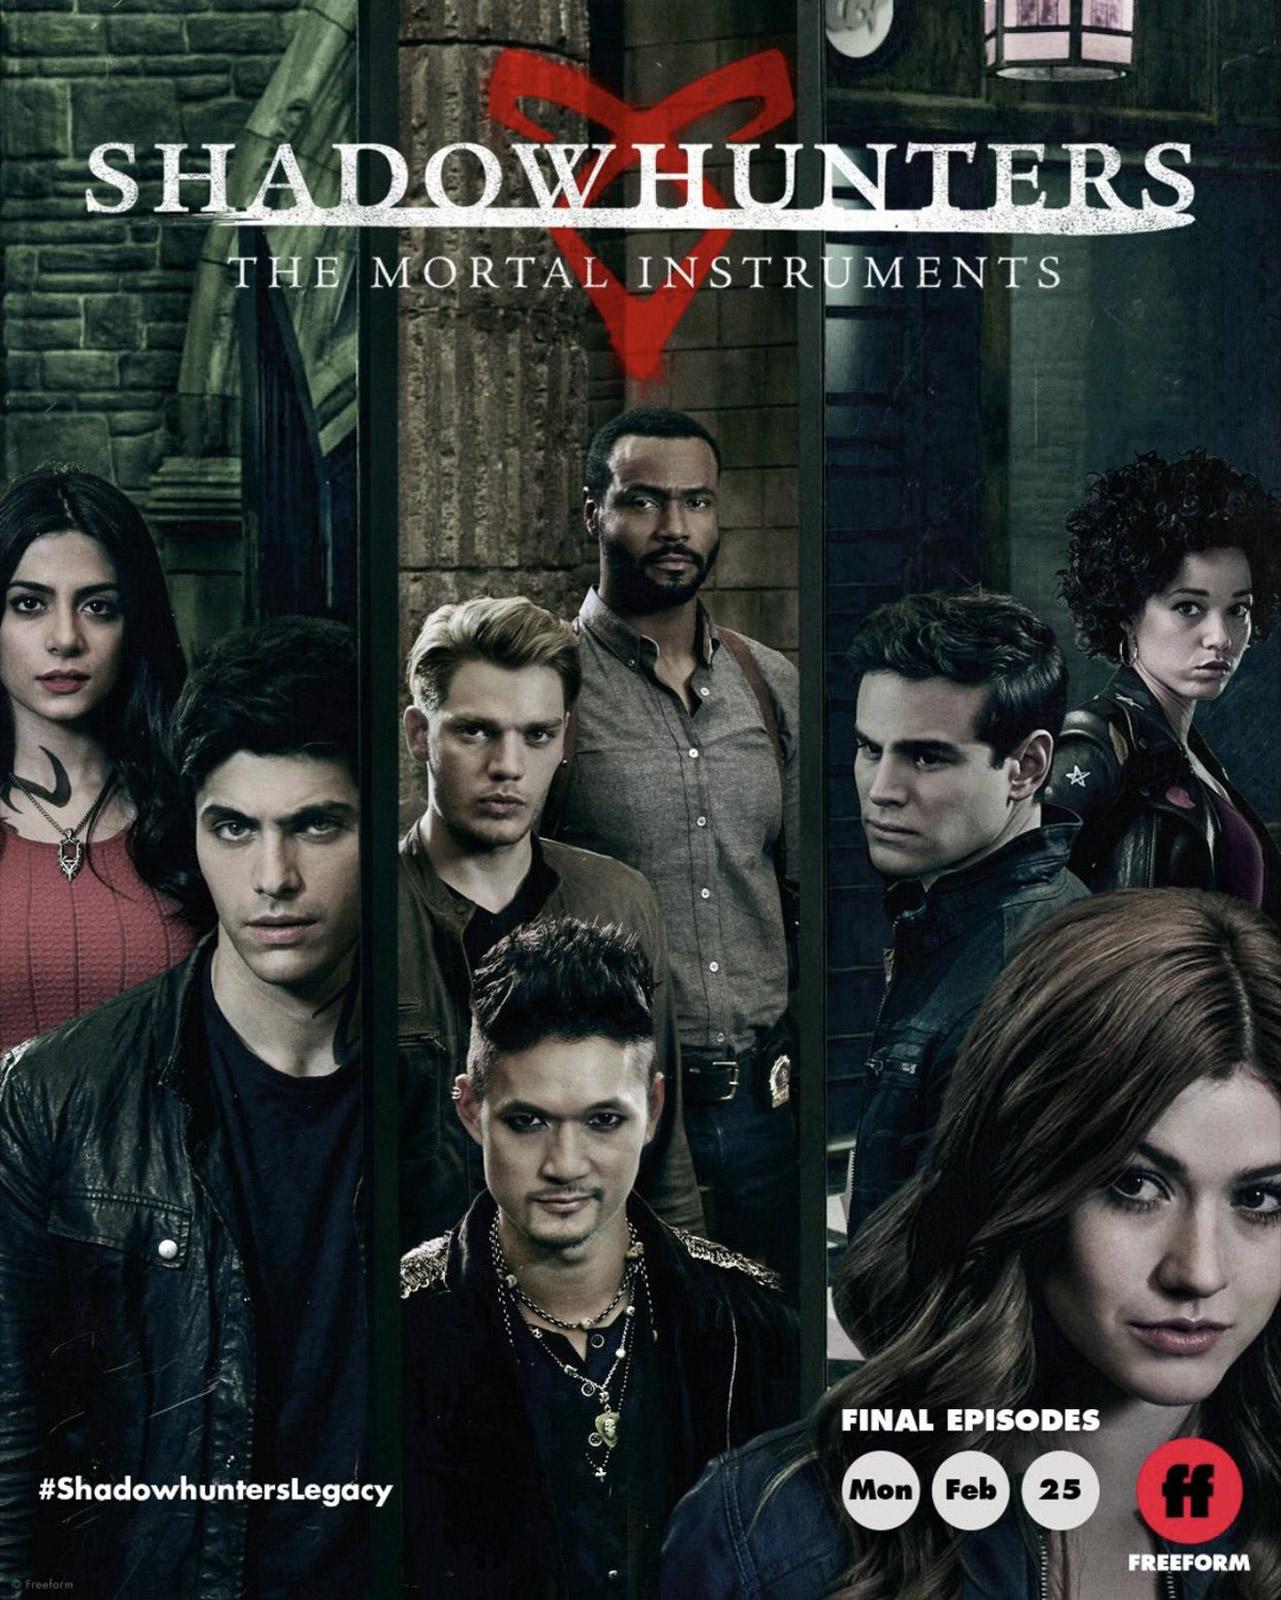 Shadowhunters Saison 1 Episode 1 Vf Complet : shadowhunters, saison, episode, complet, Shadowhunters, Saison, AlloCiné